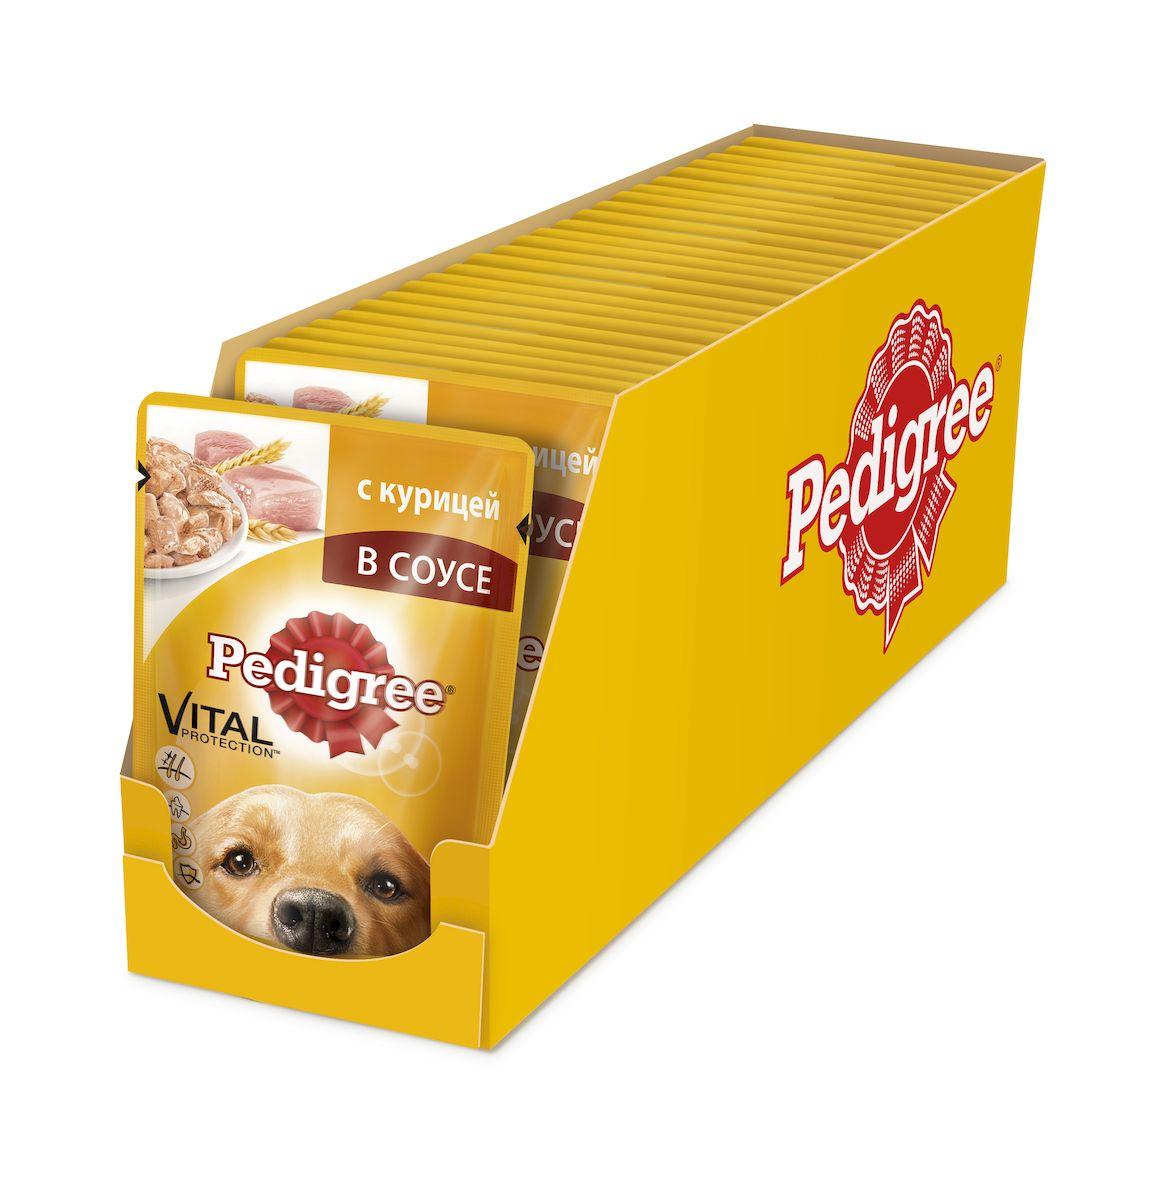 Консервы Pedigree для взрослых собак мелких пород, паштет с курицей, 80 г х 24 шт41399Консервы Pedigree - это не просто вкусный паштет с курицей, но и полезный, оптимально сбалансированный рацион. Он обеспечивает организм собаки витаминами и микроэлементами, необходимыми ей для здоровья и активной жизни. Не содержитароматизаторов, усилителей вкуса, сои и консервантов, искусственных красителей. Ключевые преимущества: Поддержка иммунной системы: Витамин E и цинк поддерживают иммунную систему. Здоровье костей: Содержит кальций для поддержания здоровья костей. Здоровье кожи и шерсти: Линолевая кислота и цинк необходимы для здоровья кожи и шерсти. Отличное пищеварение: Высокоусвояемые ингредиенты и клетчатка для оптимального пищеварения.Состав: мясо и субпродукты (в том числе курица минимум 4%), клетчатка,минеральные вещества, растительное масло, витамины. Пищевая ценность (100 г): белки - 7,0 г; жиры - 3,5 г; зола - 1,0 г; клетчатка - 0,6 г; влага - 85 г; кальций - не менее 0,1 г; цинк - не менее 1.8 мг; витамин A - не менее 120 ME; витамин E - не менее 0,9 мг.Энергетическая ценность (100 г): 65 ккал/272 кДж. В упаковке 24 пауча по 80 г.Товар сертифицирован.